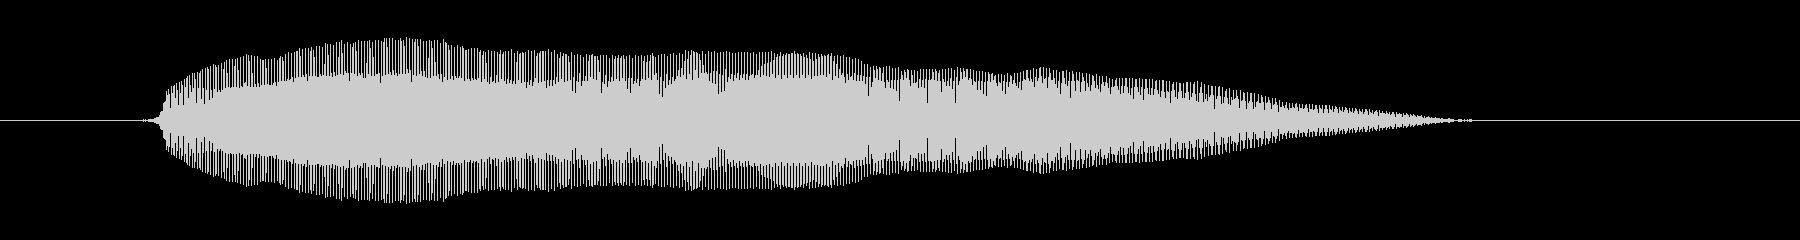 ううー の未再生の波形